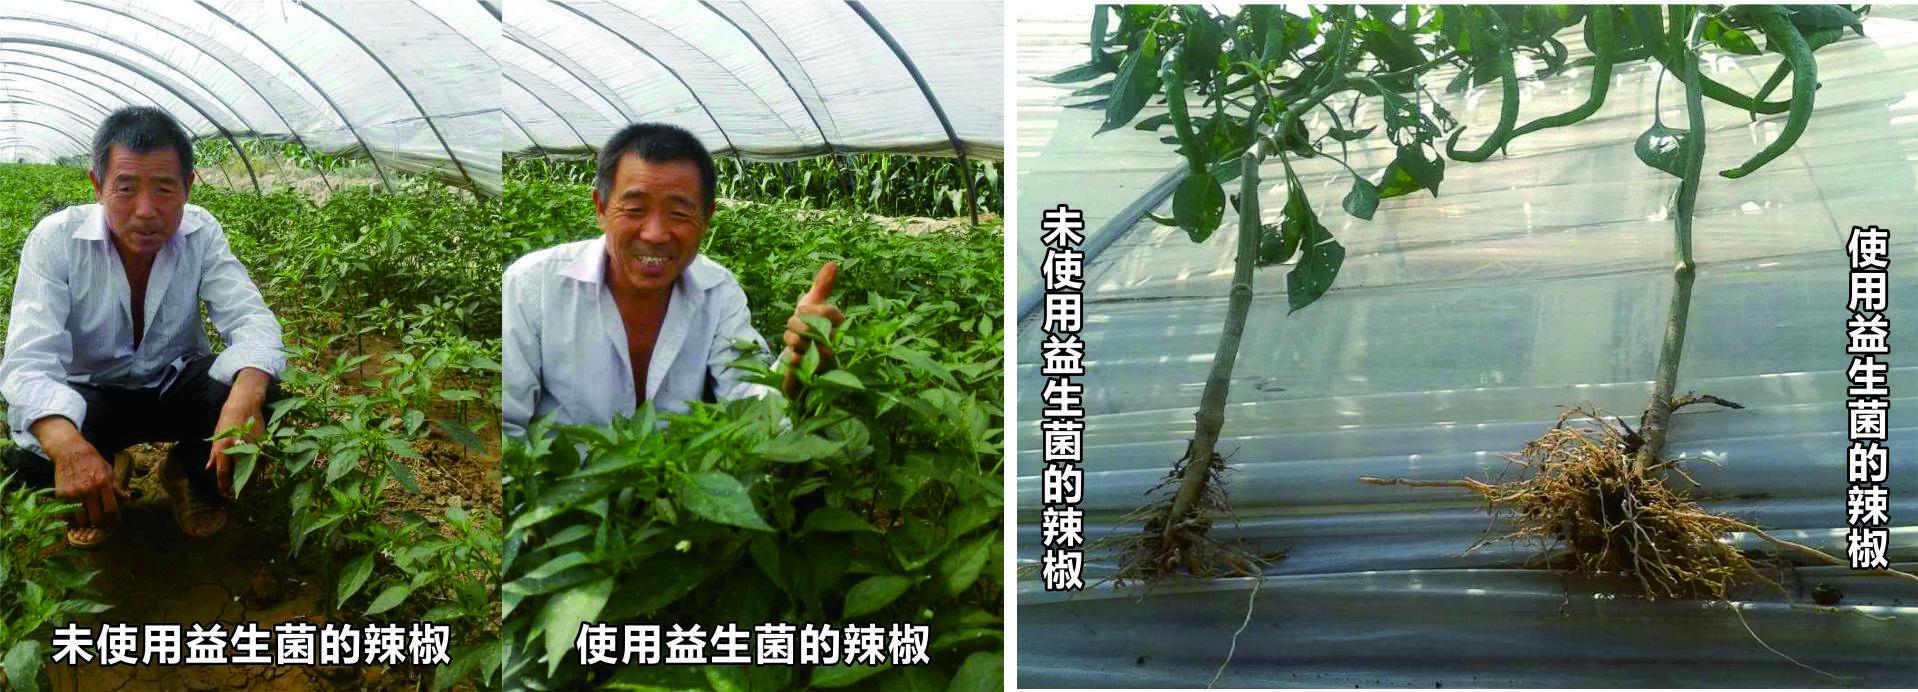 生态益生菌在辣椒种植的应用